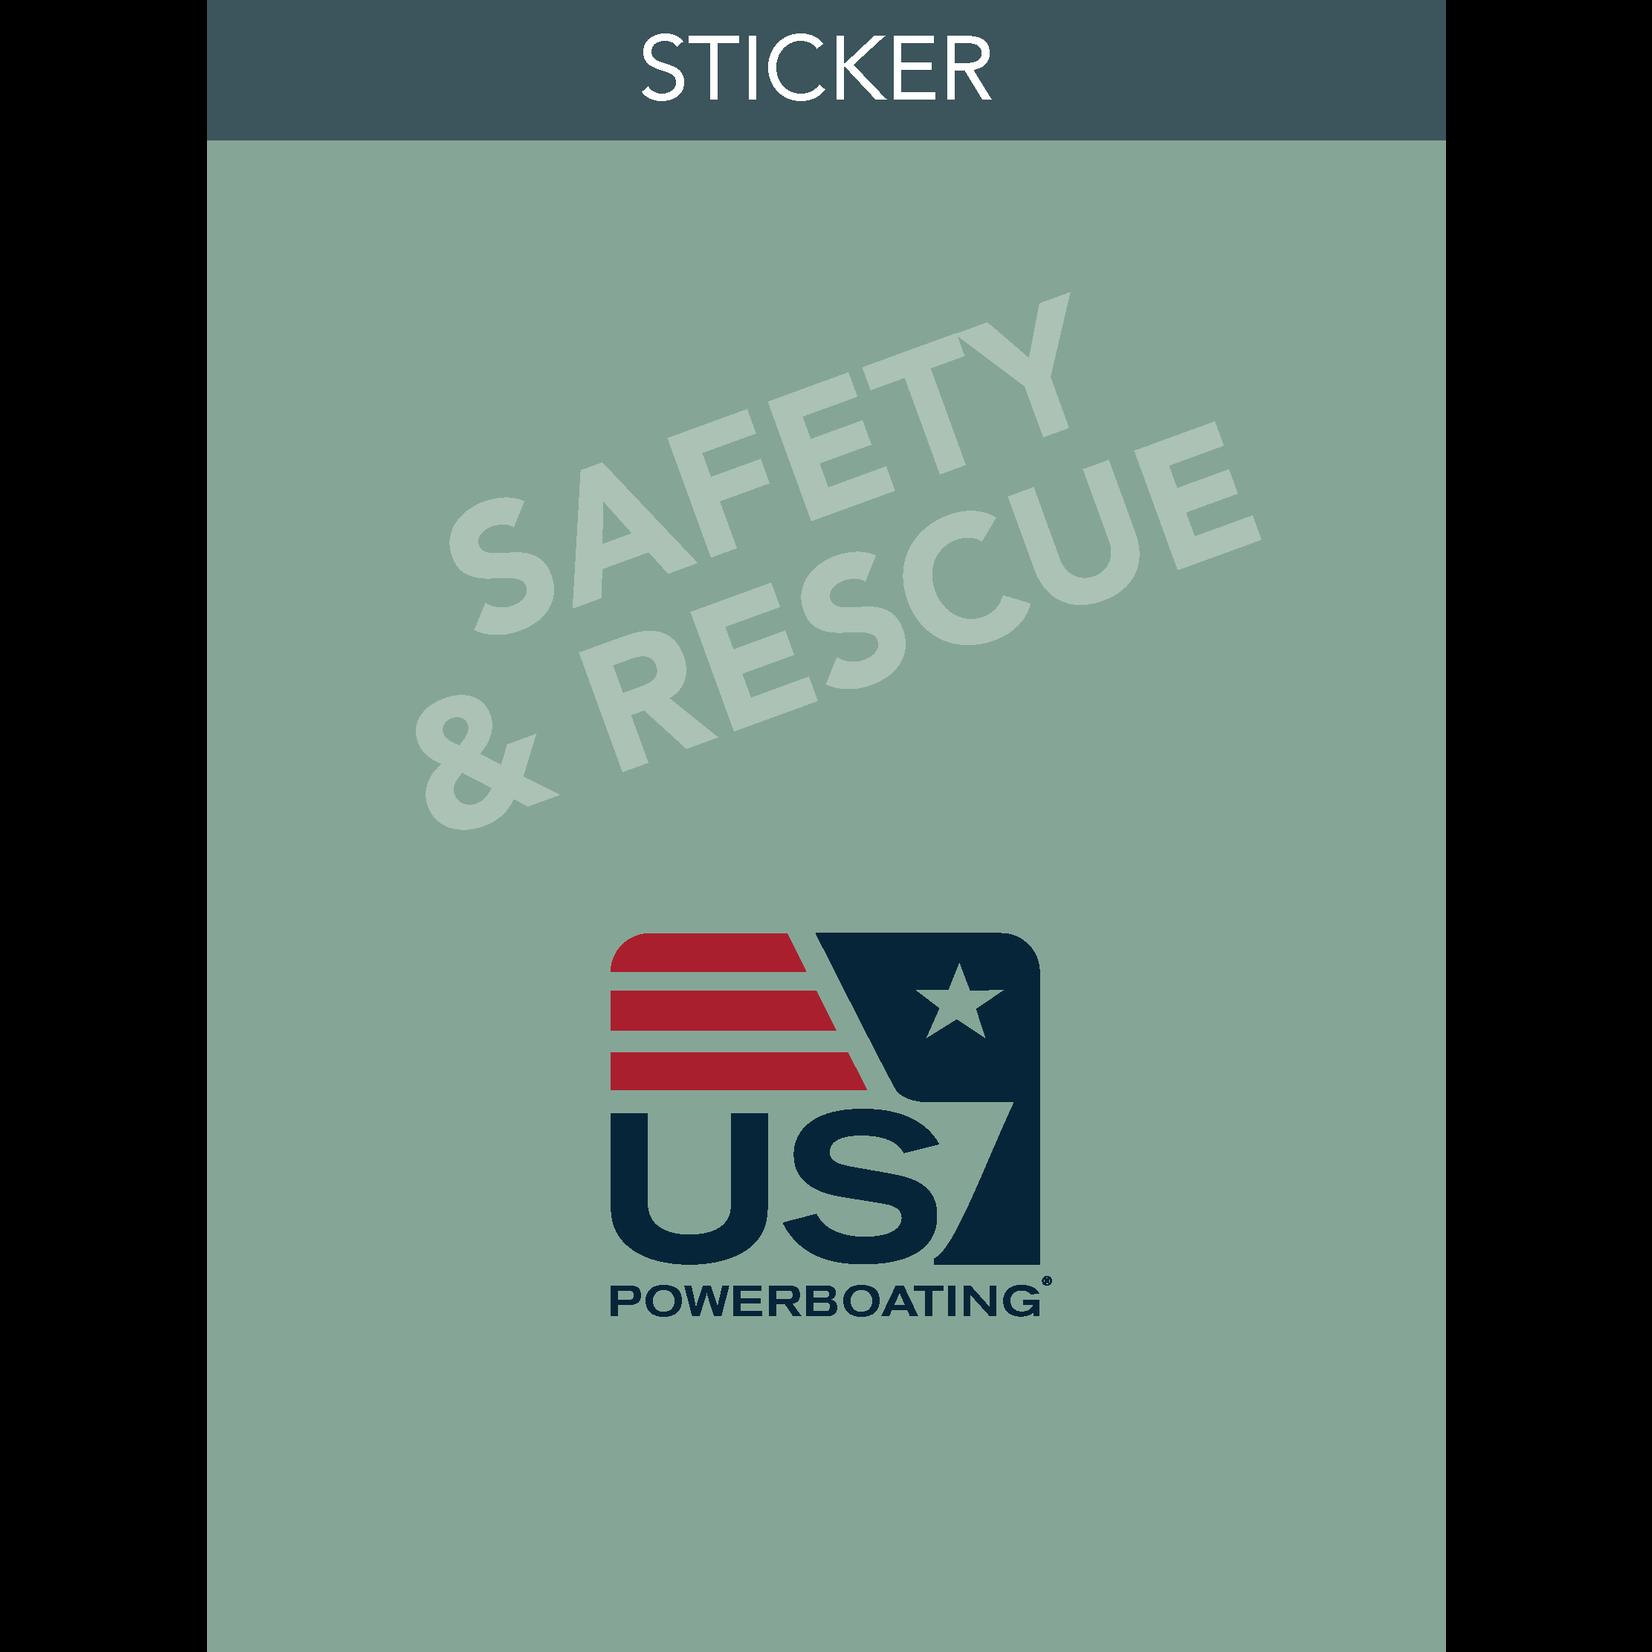 Safety & Rescue Sticker